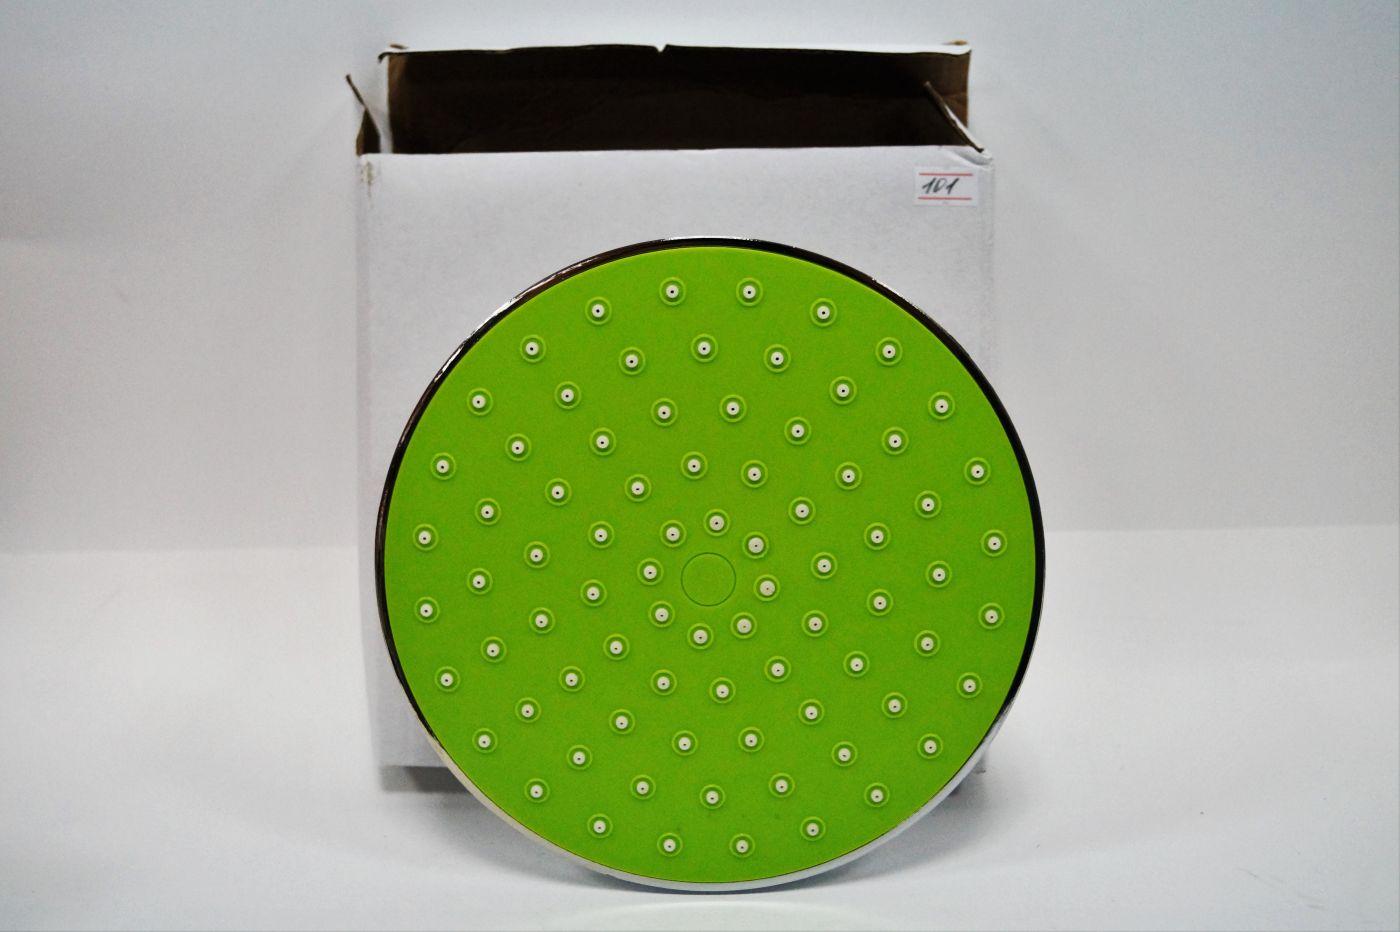 АА-101, зеленая потолочная лейка для душевой системы, 200 мм